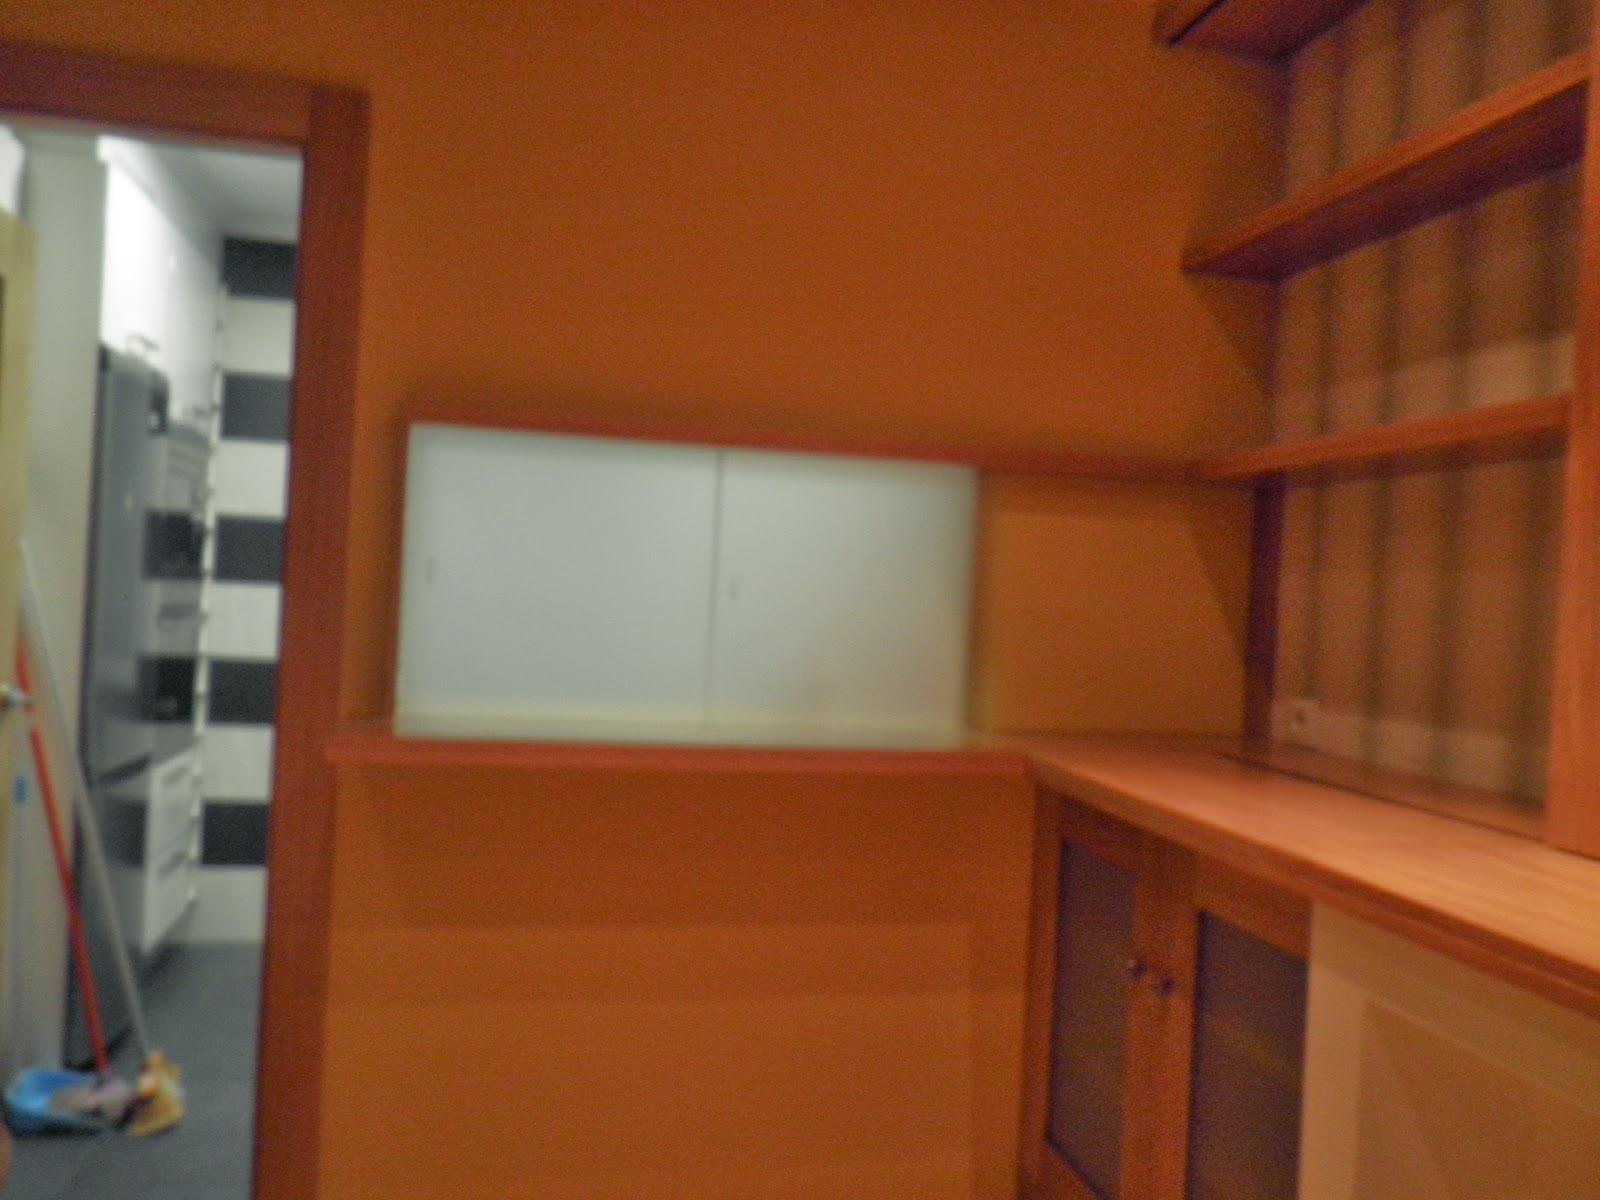 Interiorismo y decoracion lola torga cocina integrada y for Cocina unida a salon